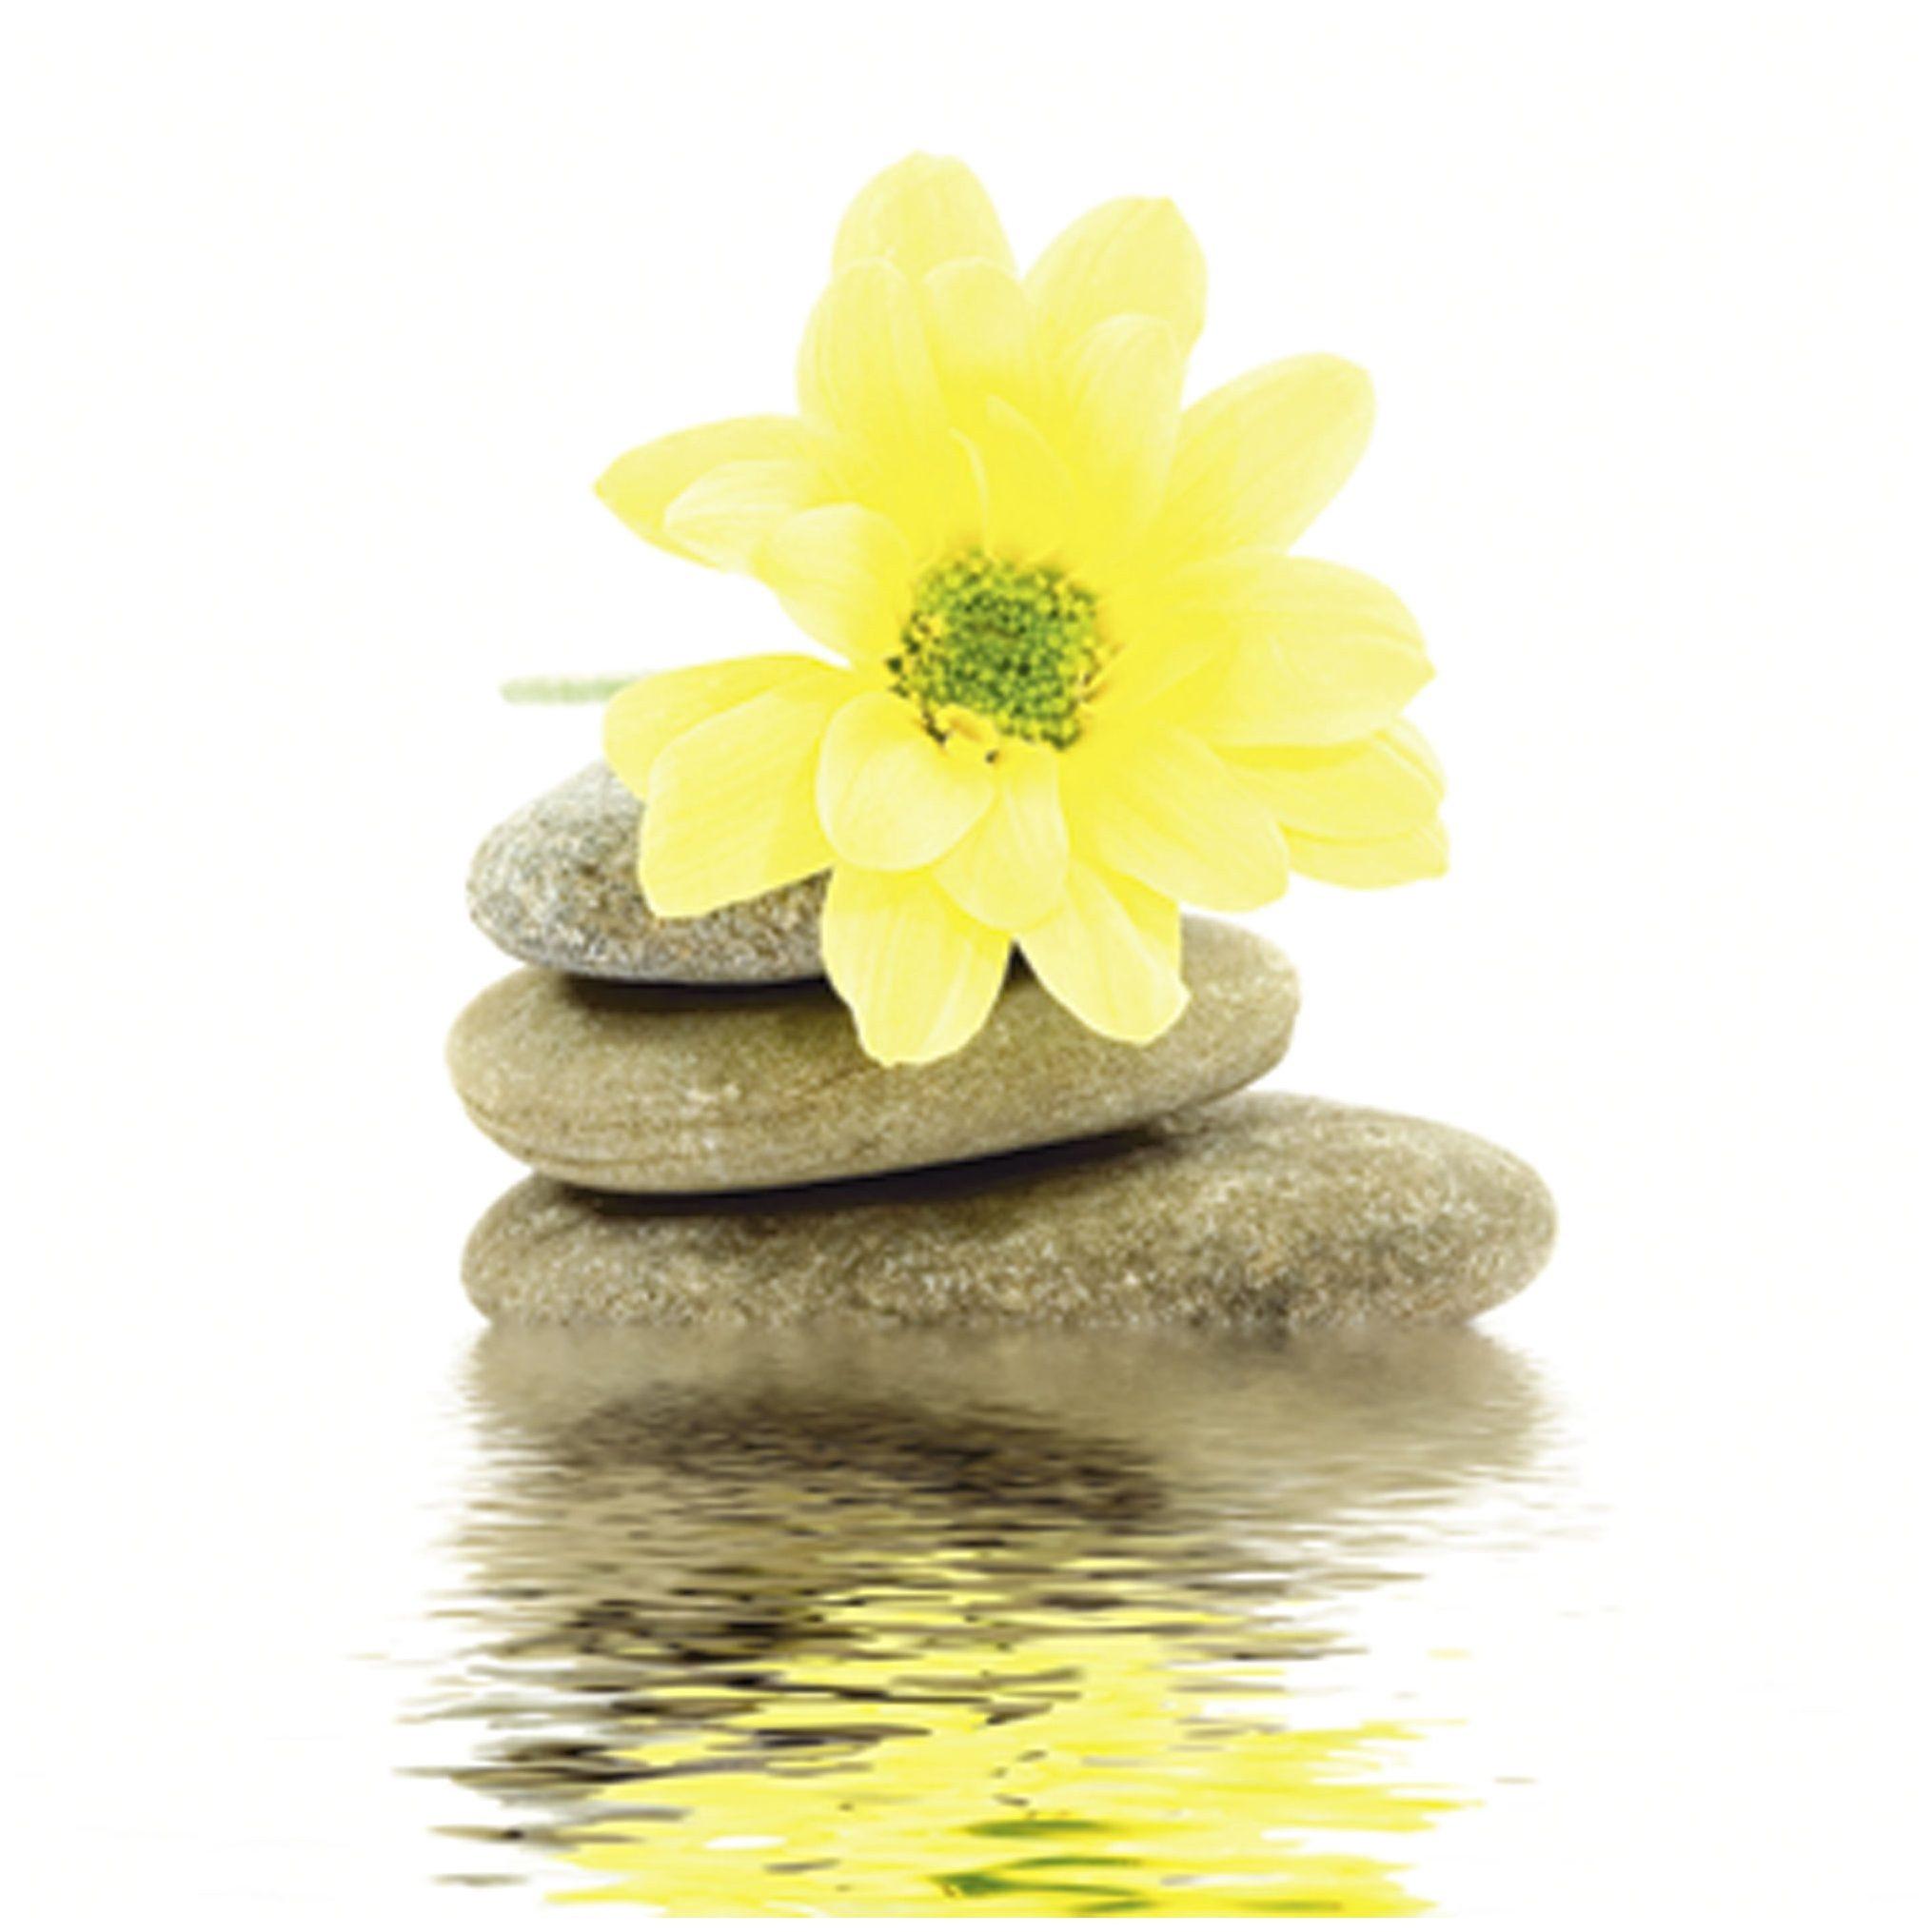 Home affaire, Glasbild, »Blume und Steine«, 30/30 cm